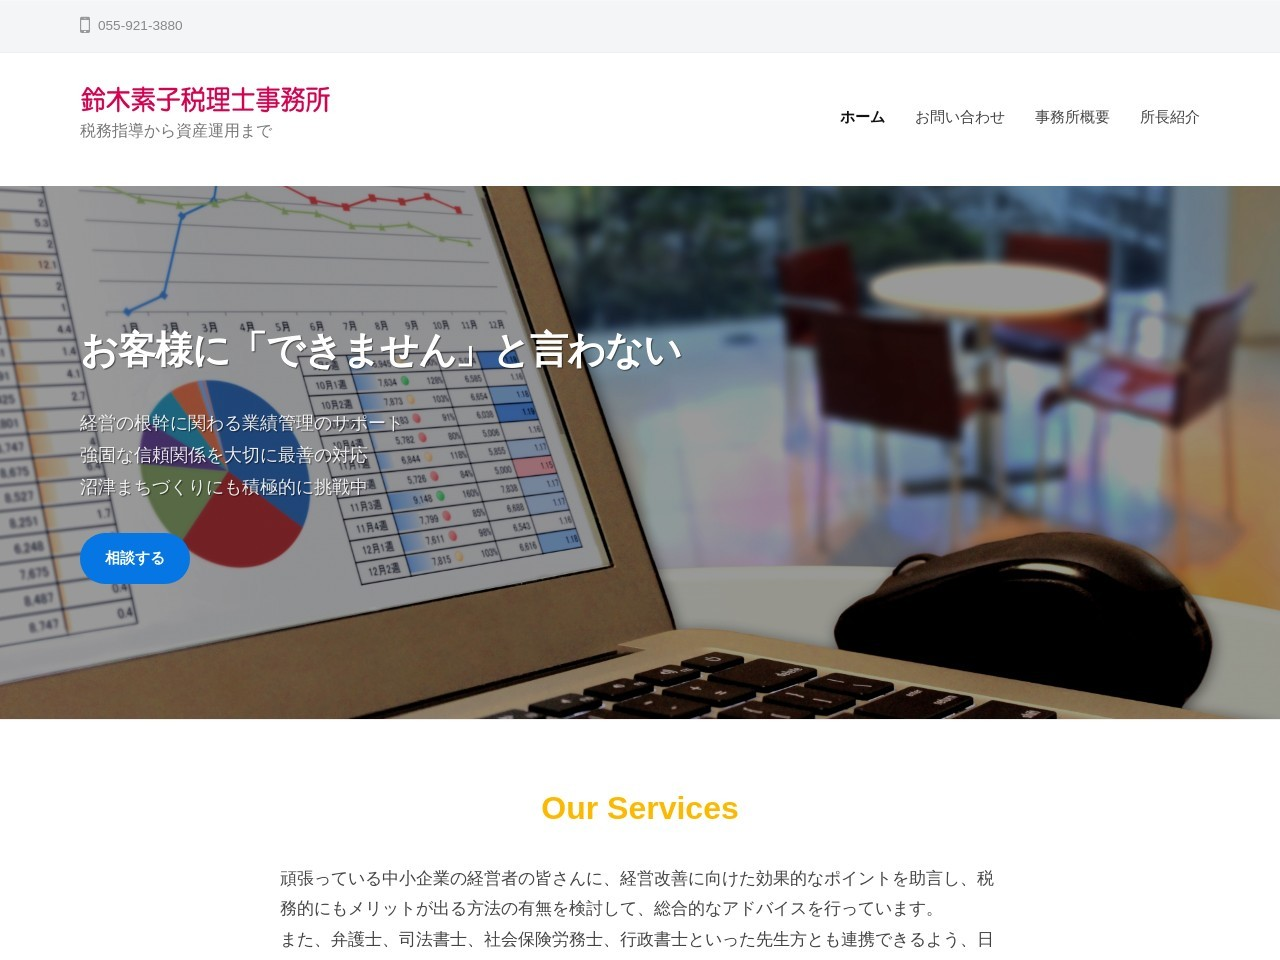 鈴木素子税理士事務所